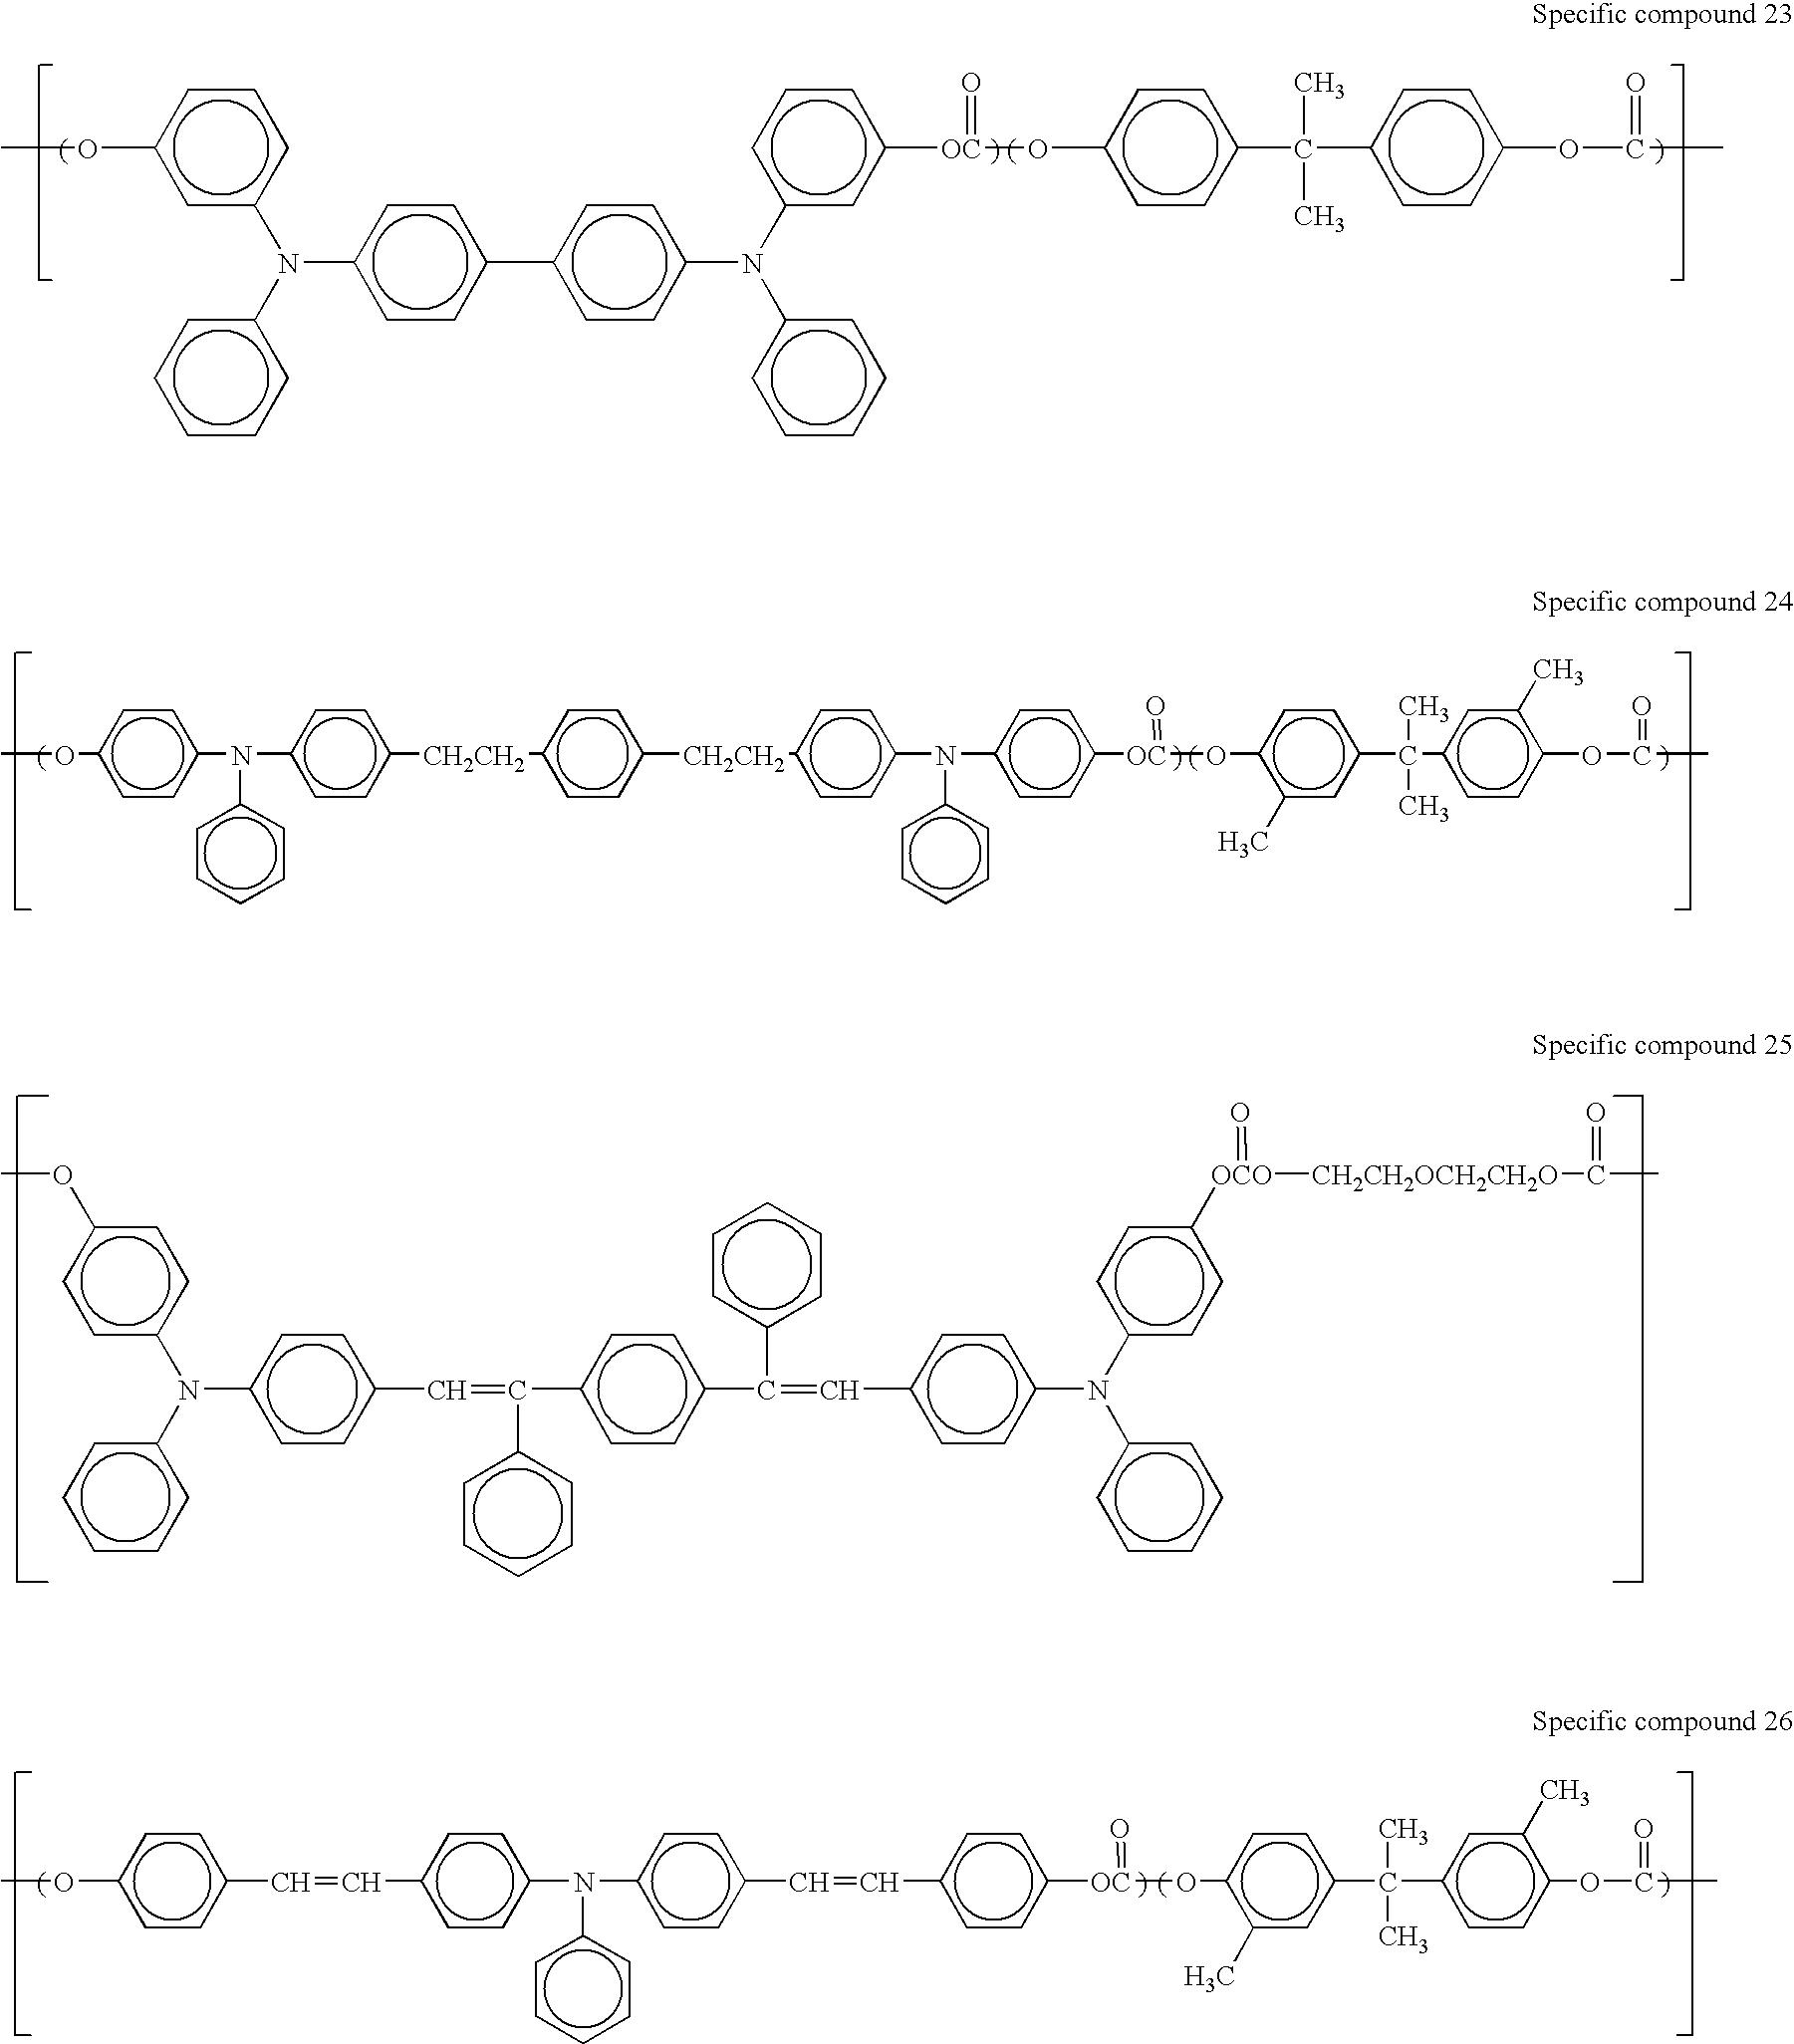 Figure US20040197688A1-20041007-C00019